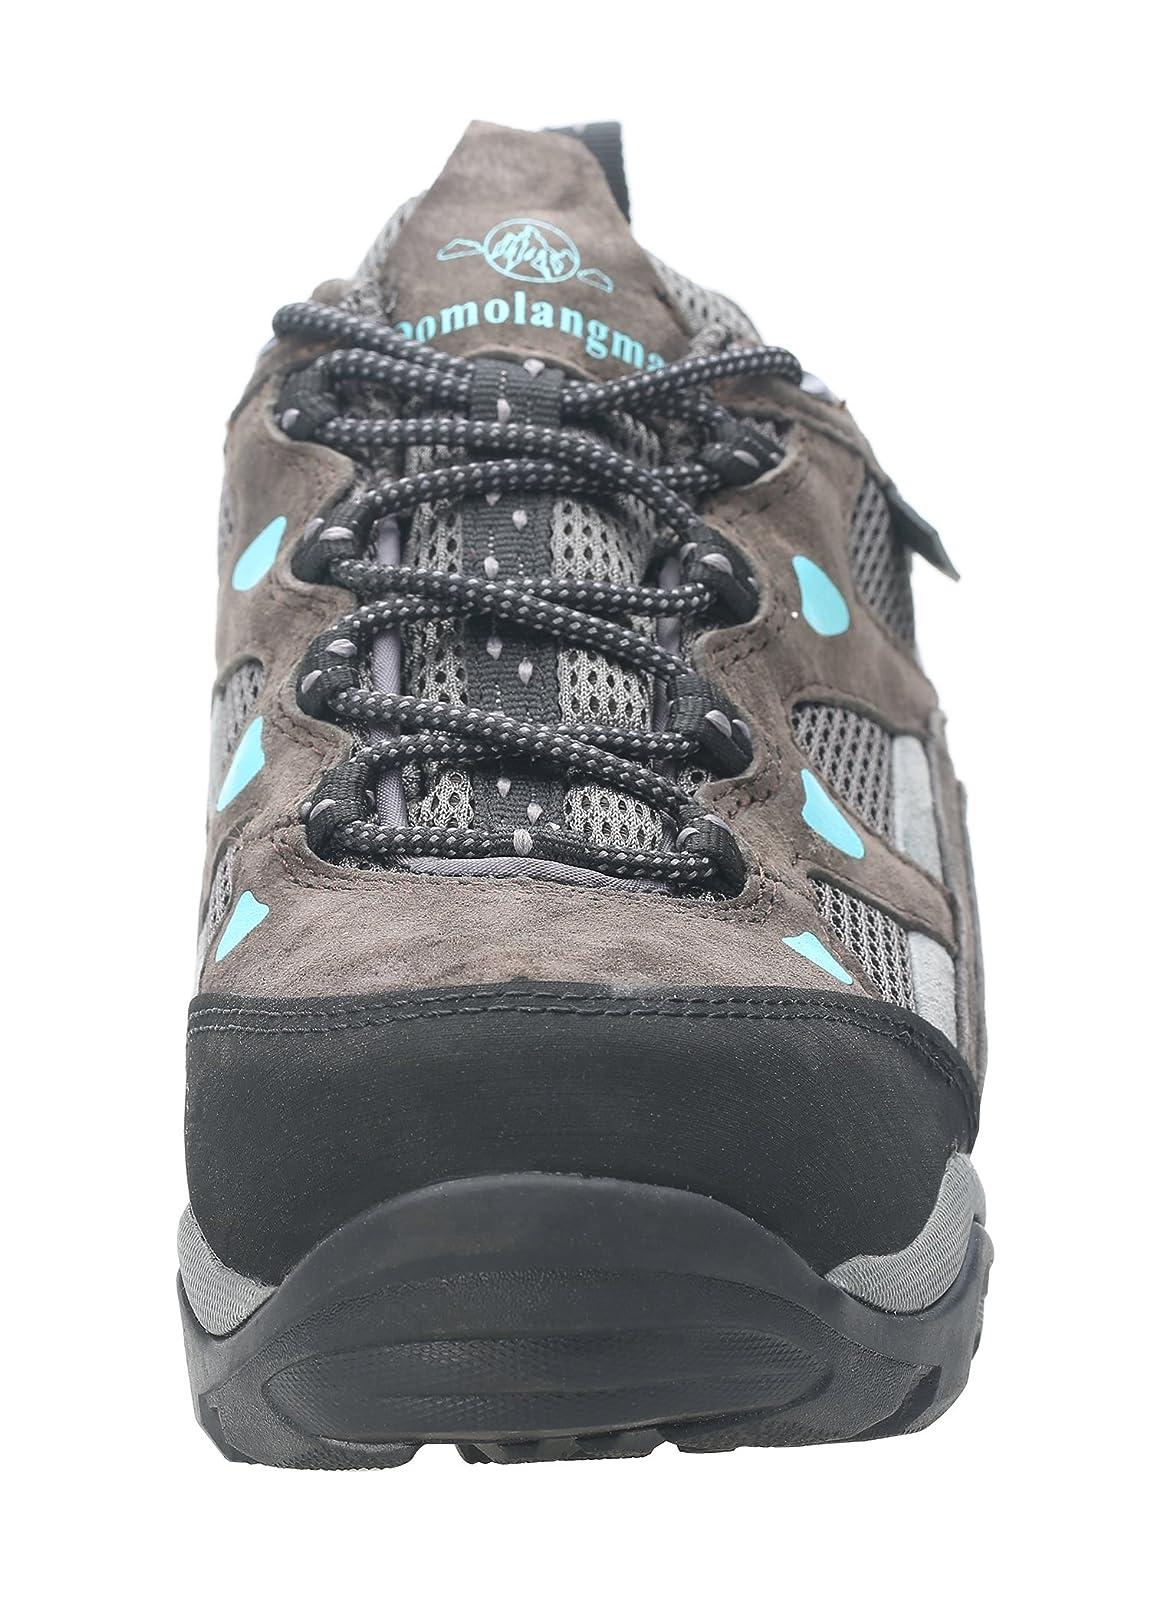 QOMOLANGMA Women's Waterproof Wide Hiking Shoes W91501 - 1